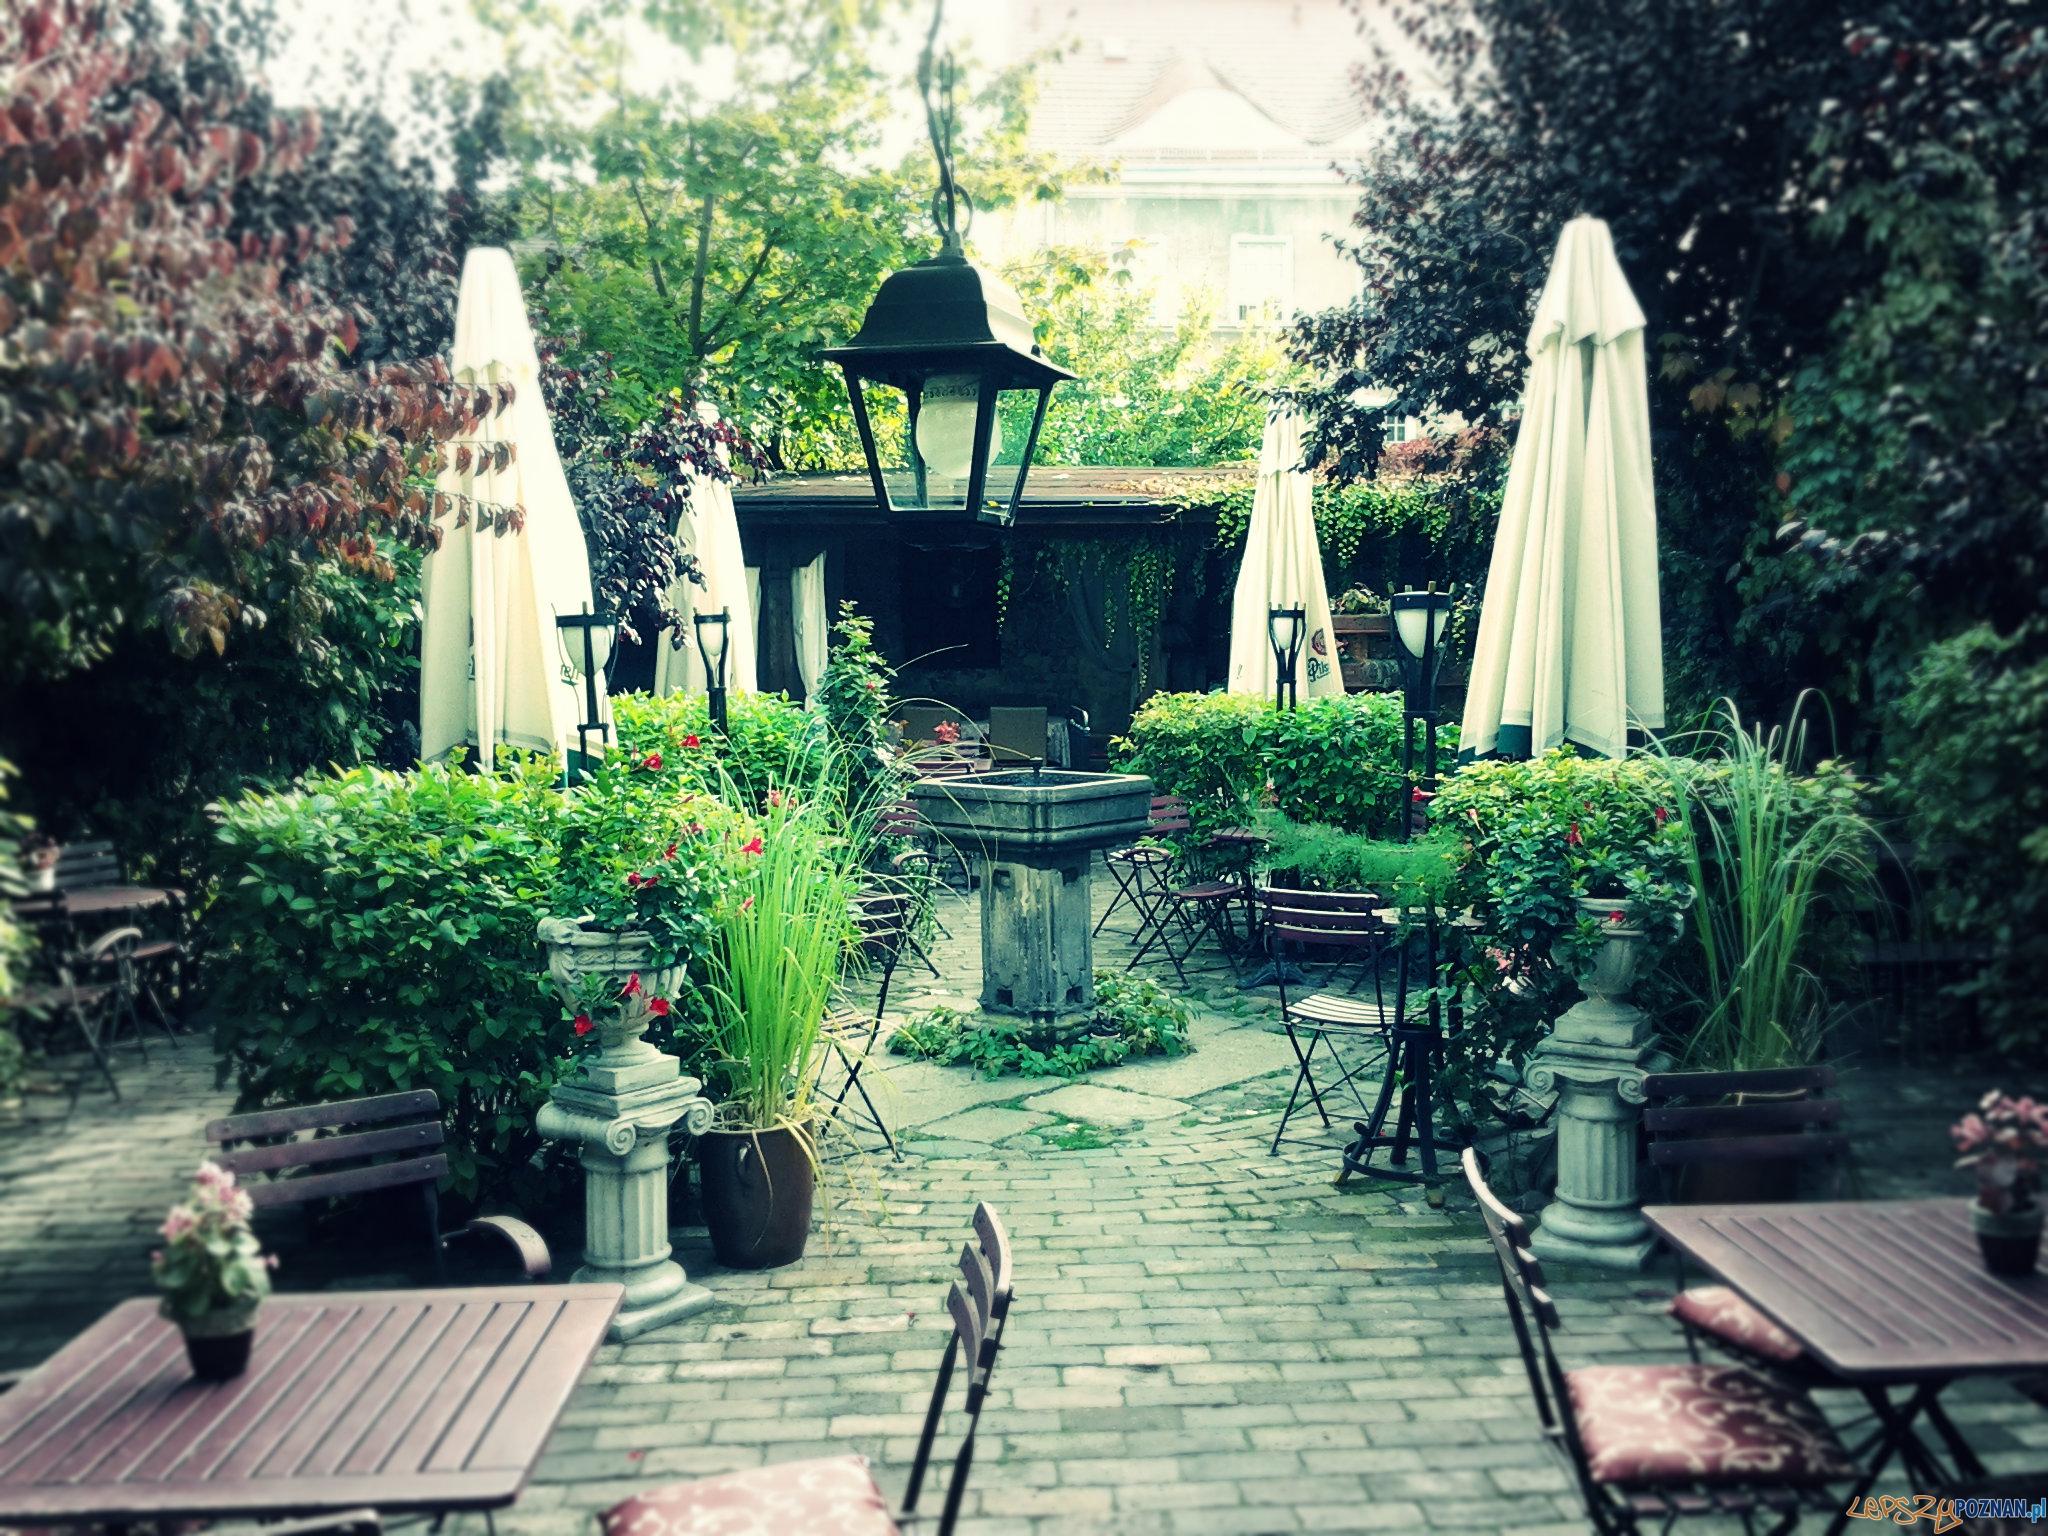 Jedna z kawiarni na ul. Żydowskiej  Foto: lepszyPOZNAN.pl / tab